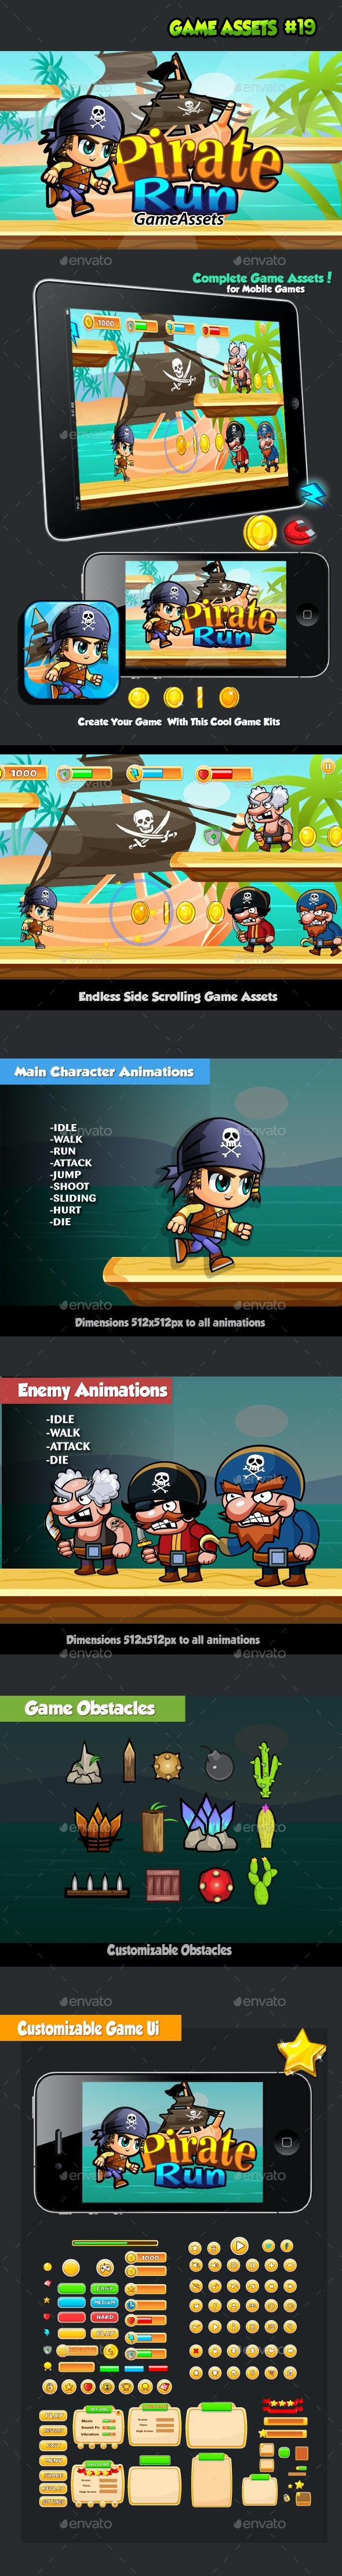 Pirate Run Platformer Game Assets 19 - Game Kits Game Assets